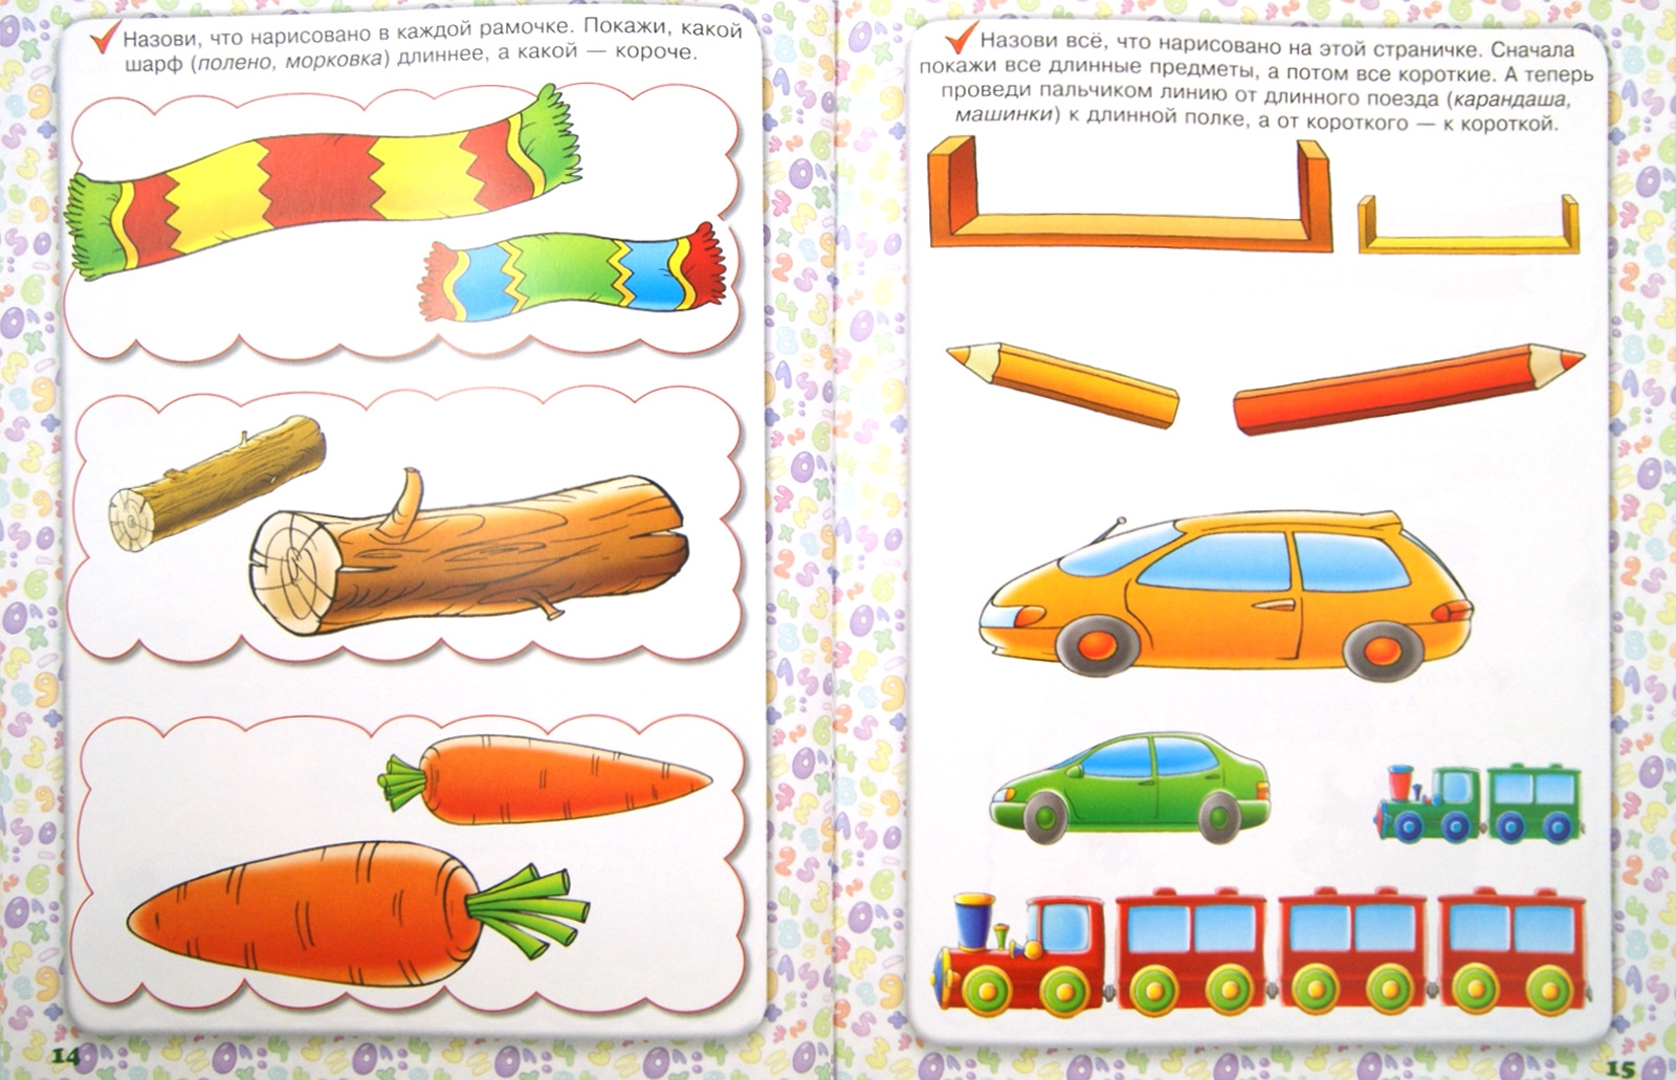 Иллюстрация 1 из 11 для Учимся считать. Пособие для занятий с детьми 3-4 лет - Гаврина, Топоркова, Кутявина   Лабиринт - книги. Источник: Лабиринт